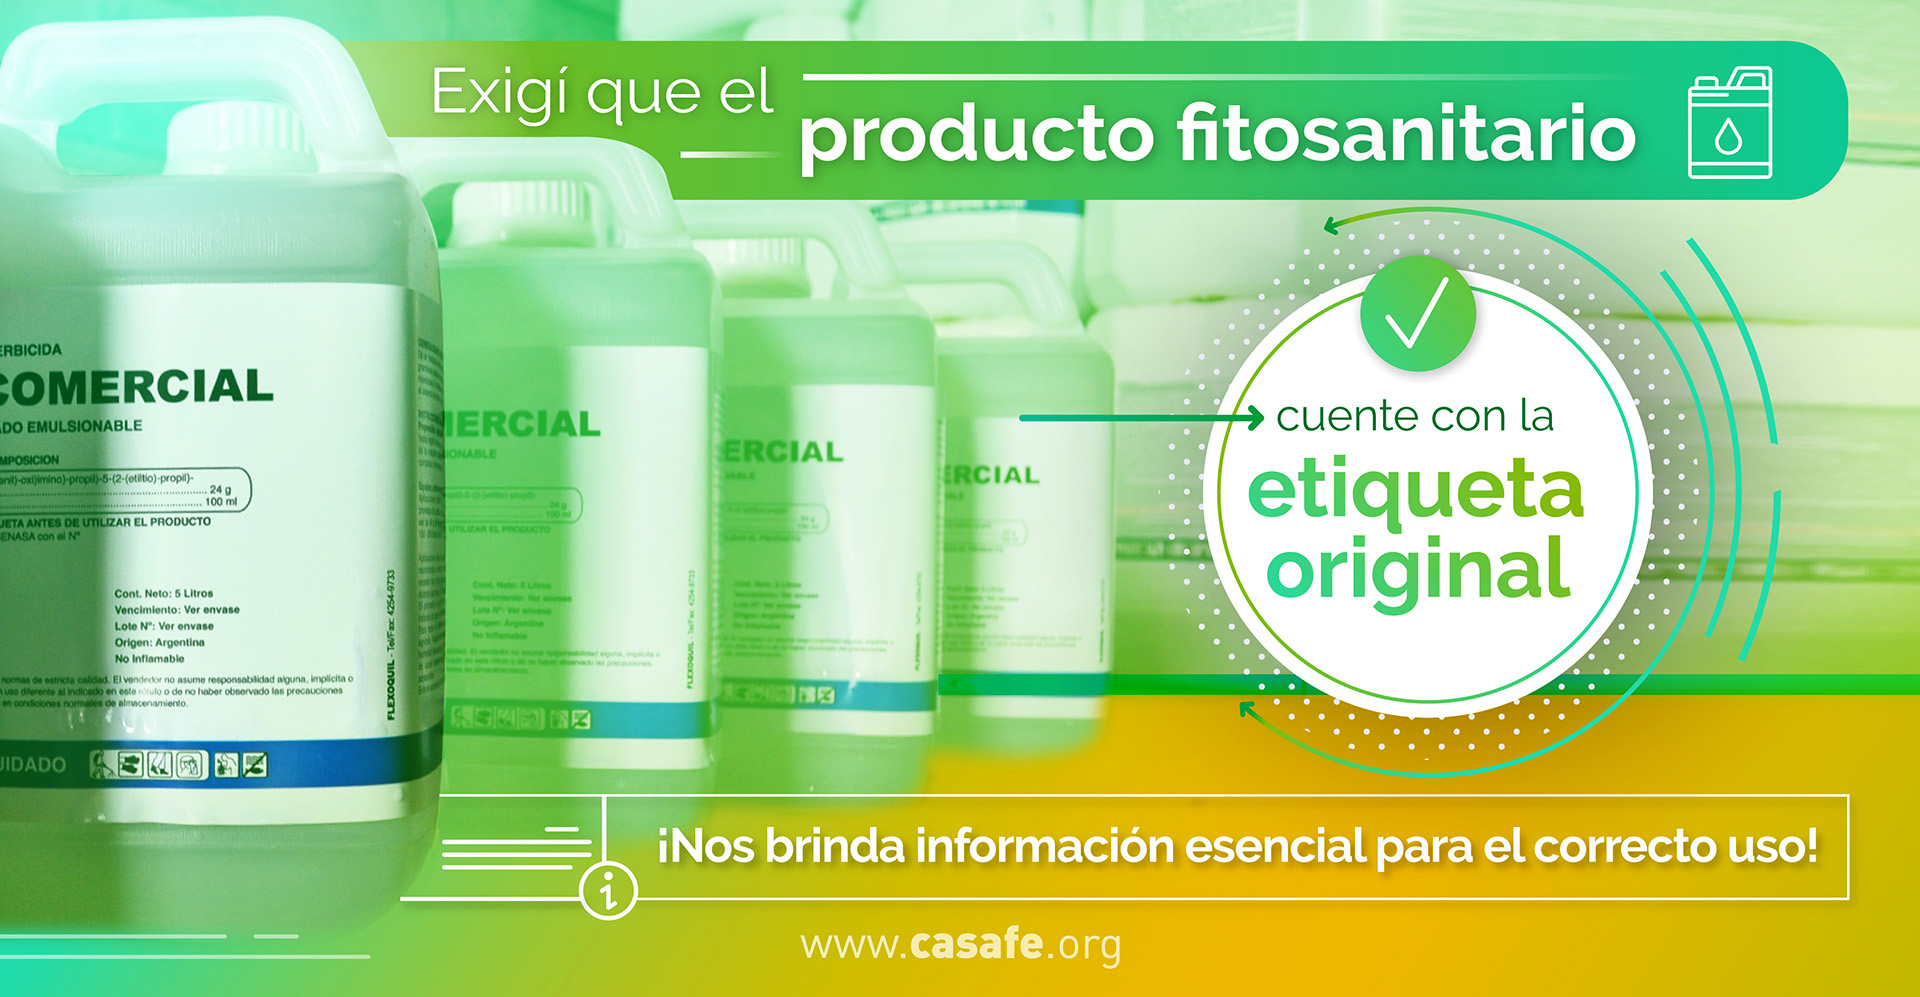 etiquetado de fitosanitarios lectura de etiqueta normativa vigente Casafe